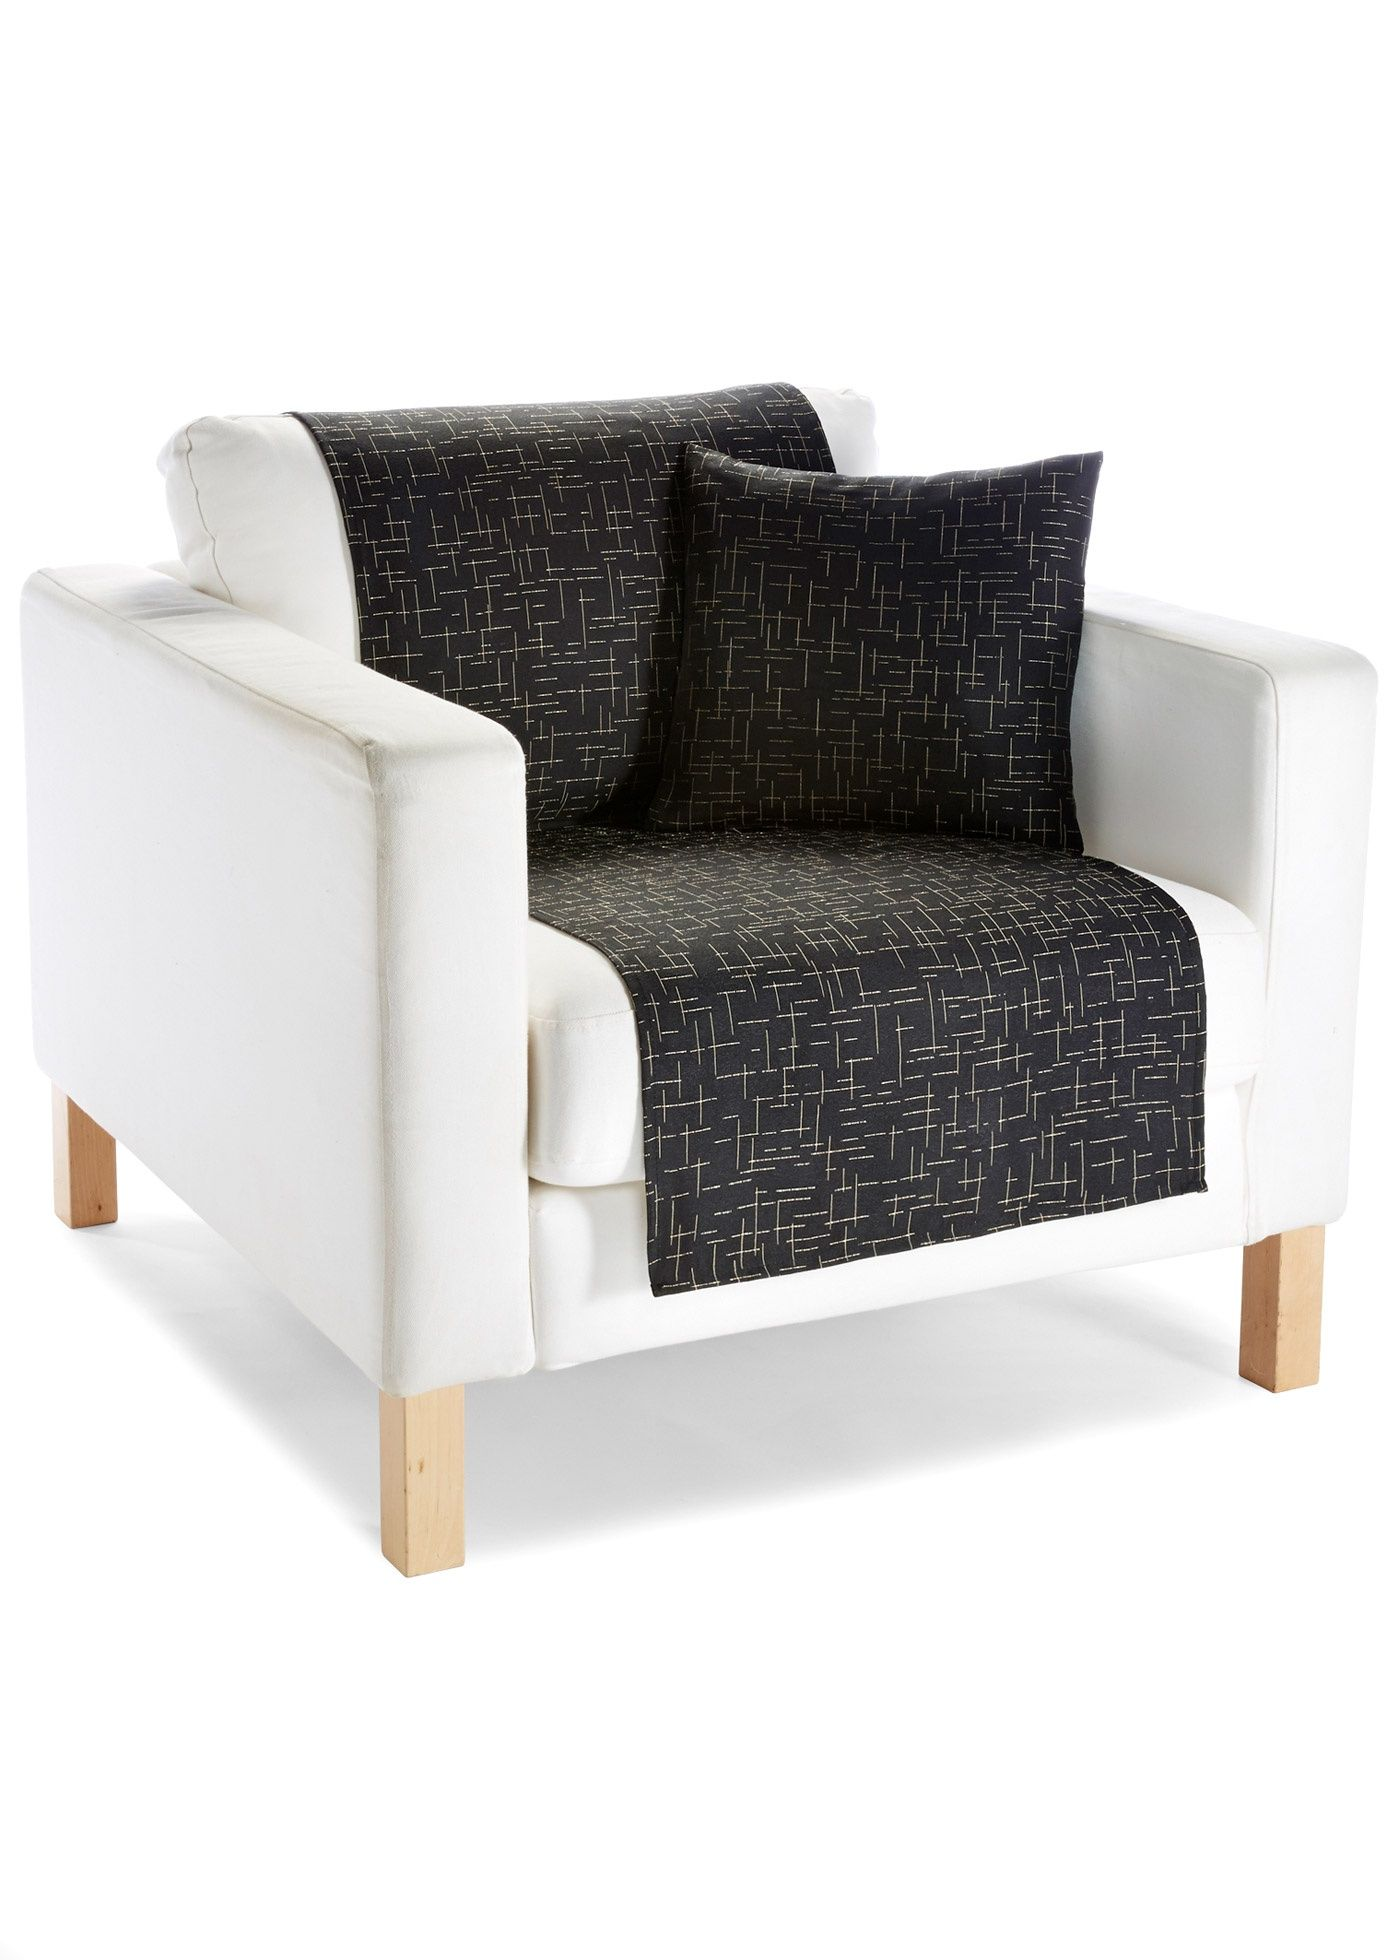 Jetzt Anschauenmit Dem Schönen Sofaüberwurf Belle Können Sie Im